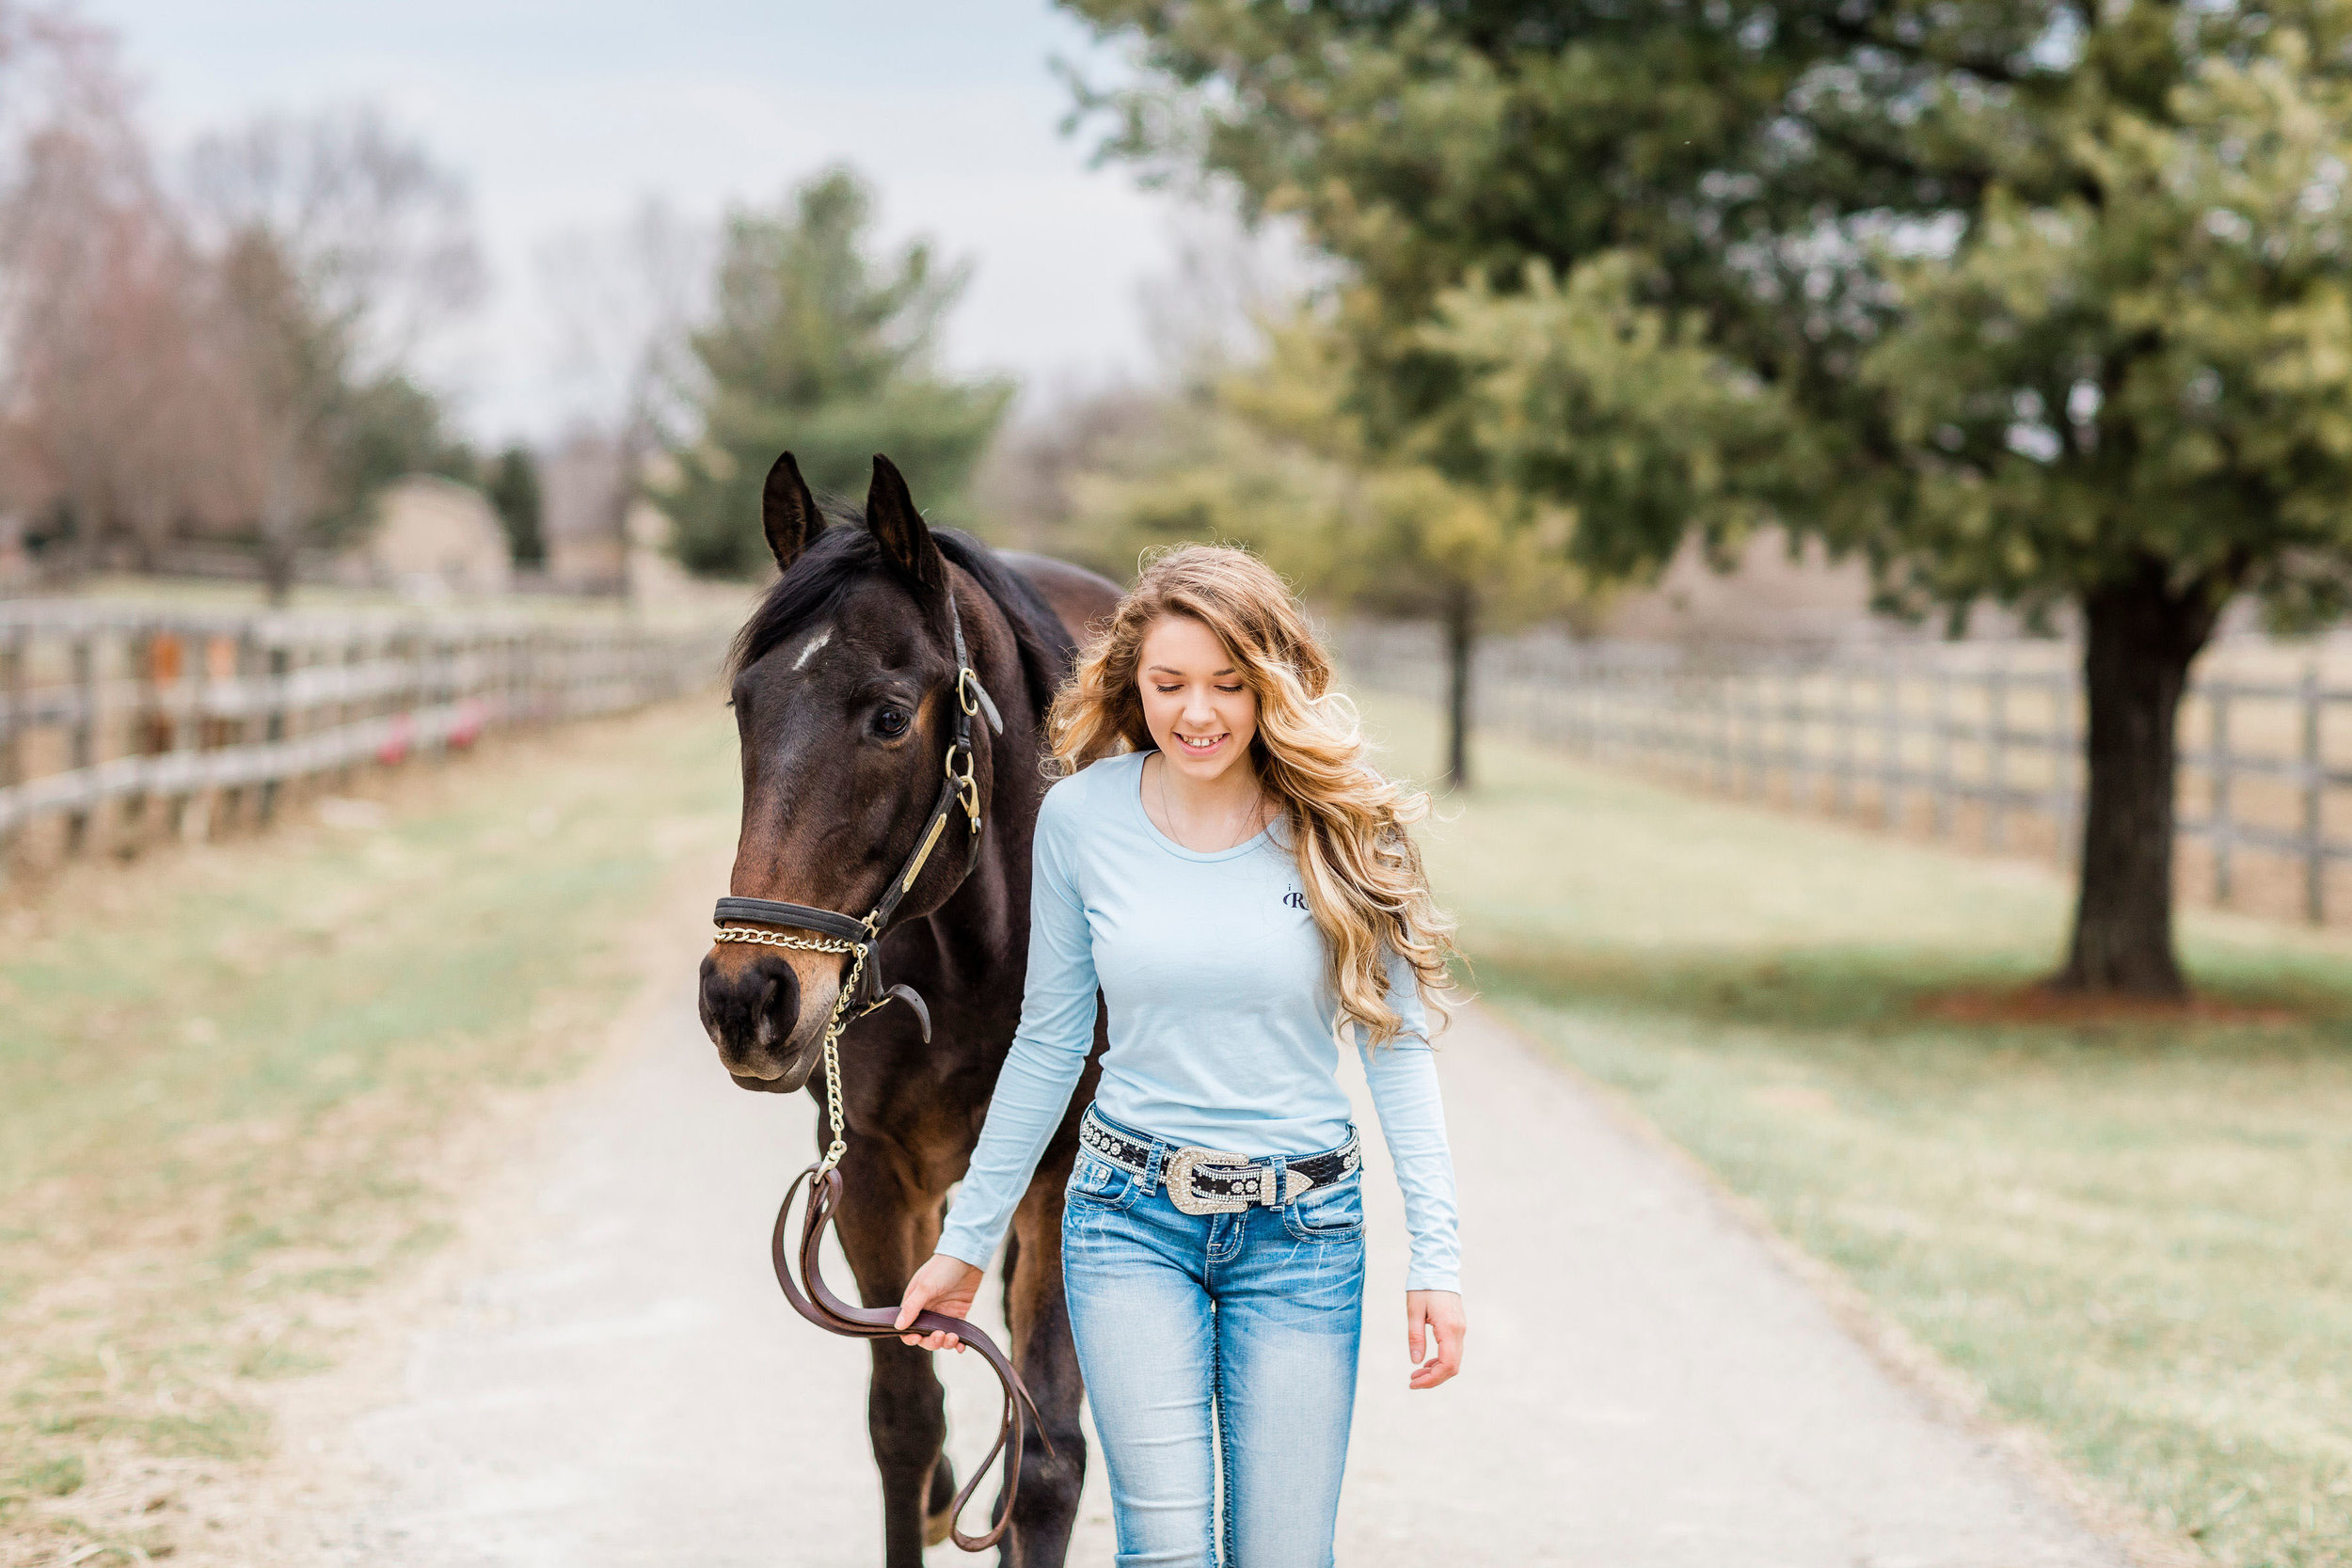 cincinnati senior pictures with horse-1.jpg